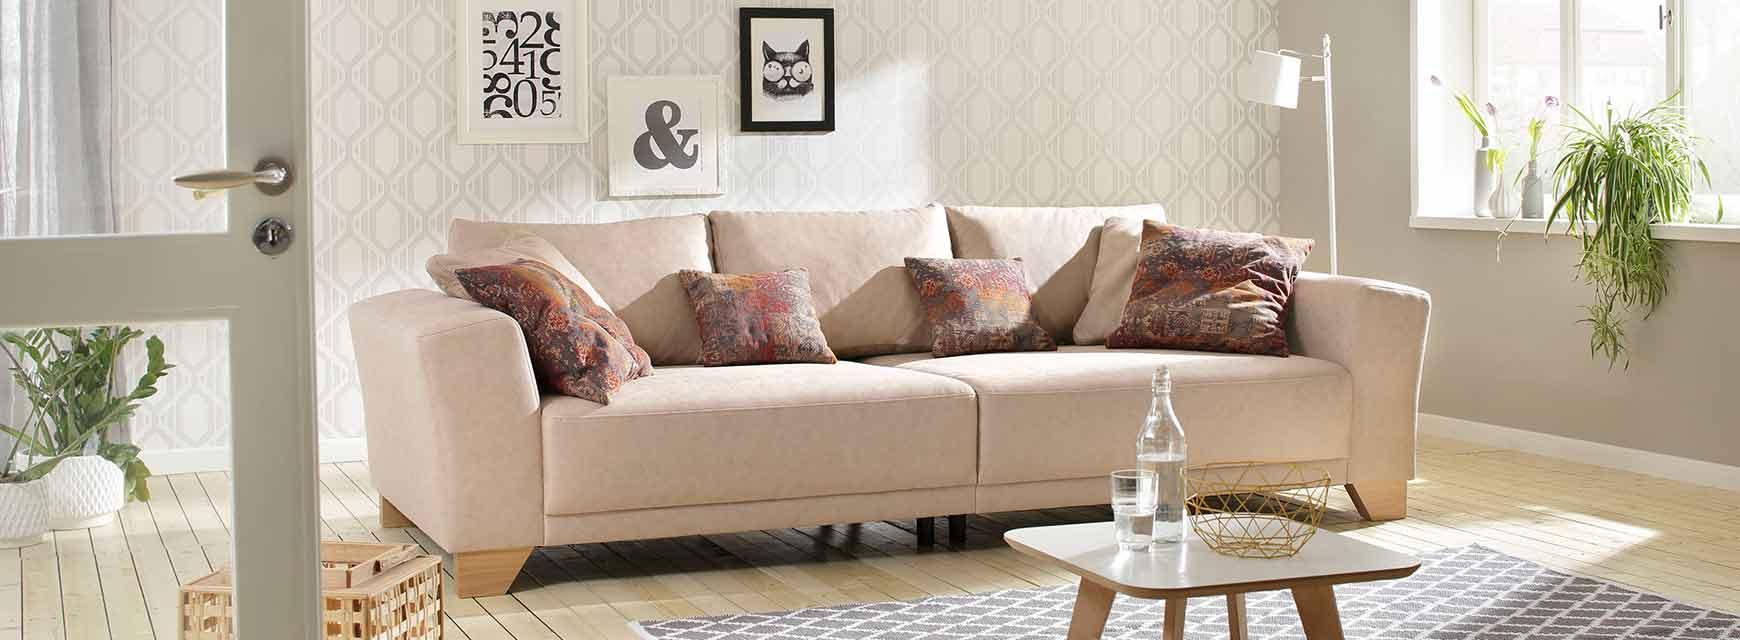 Full Size of Big Sofa Leder Landhausstil Landhaus Couch Online Kaufen Naturloftde Chippendale Graues Mit Schlaffunktion Xxl Esszimmer Schlaf München Husse Federkern Sofa Big Sofa Leder